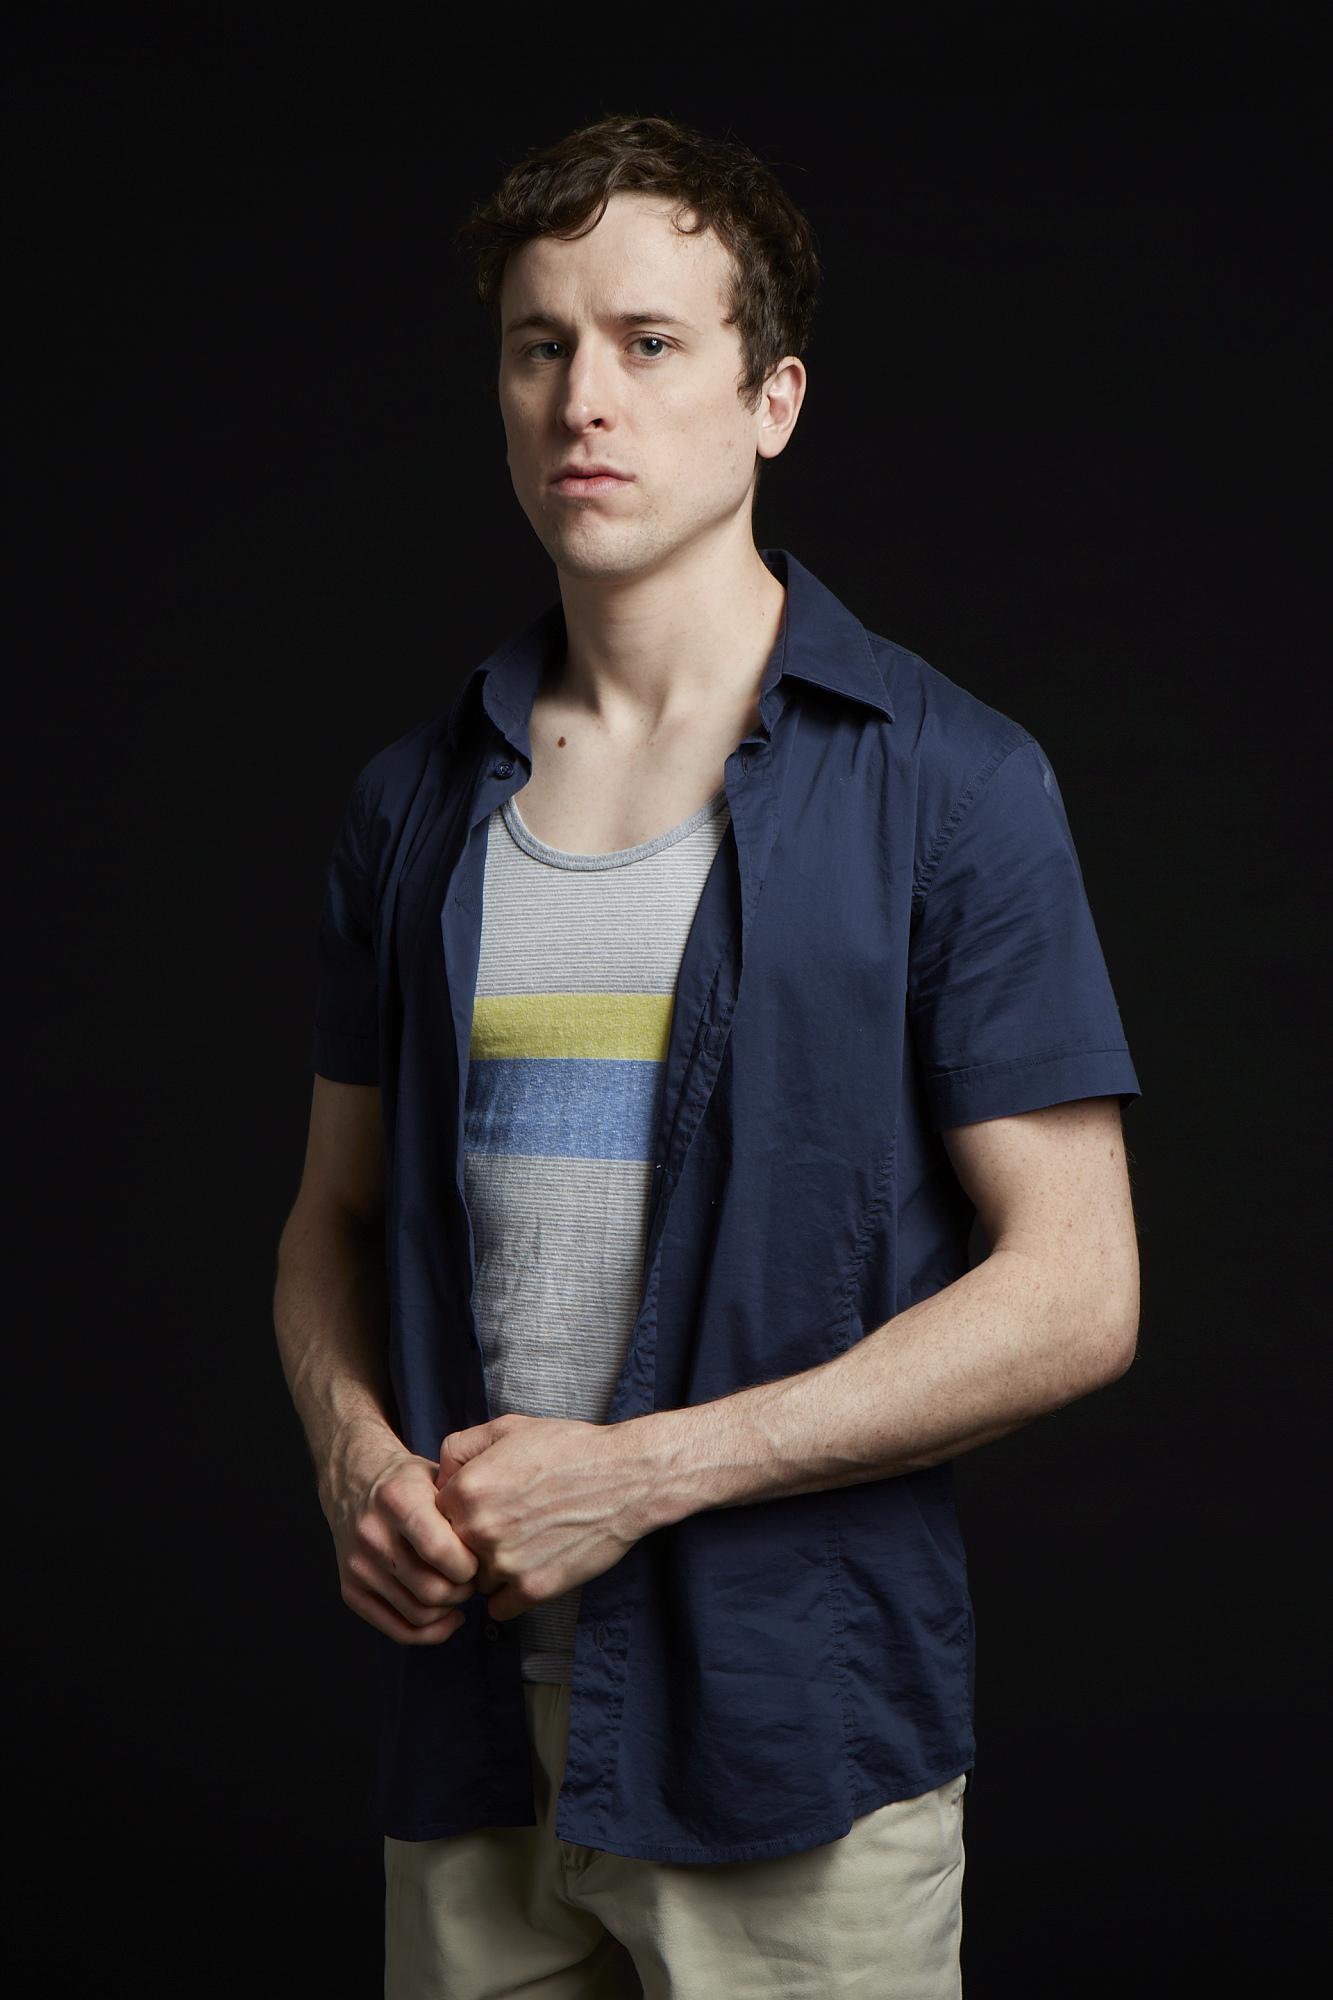 Stephen James Anthony as Ryan / Photo by Evan Iskovitz